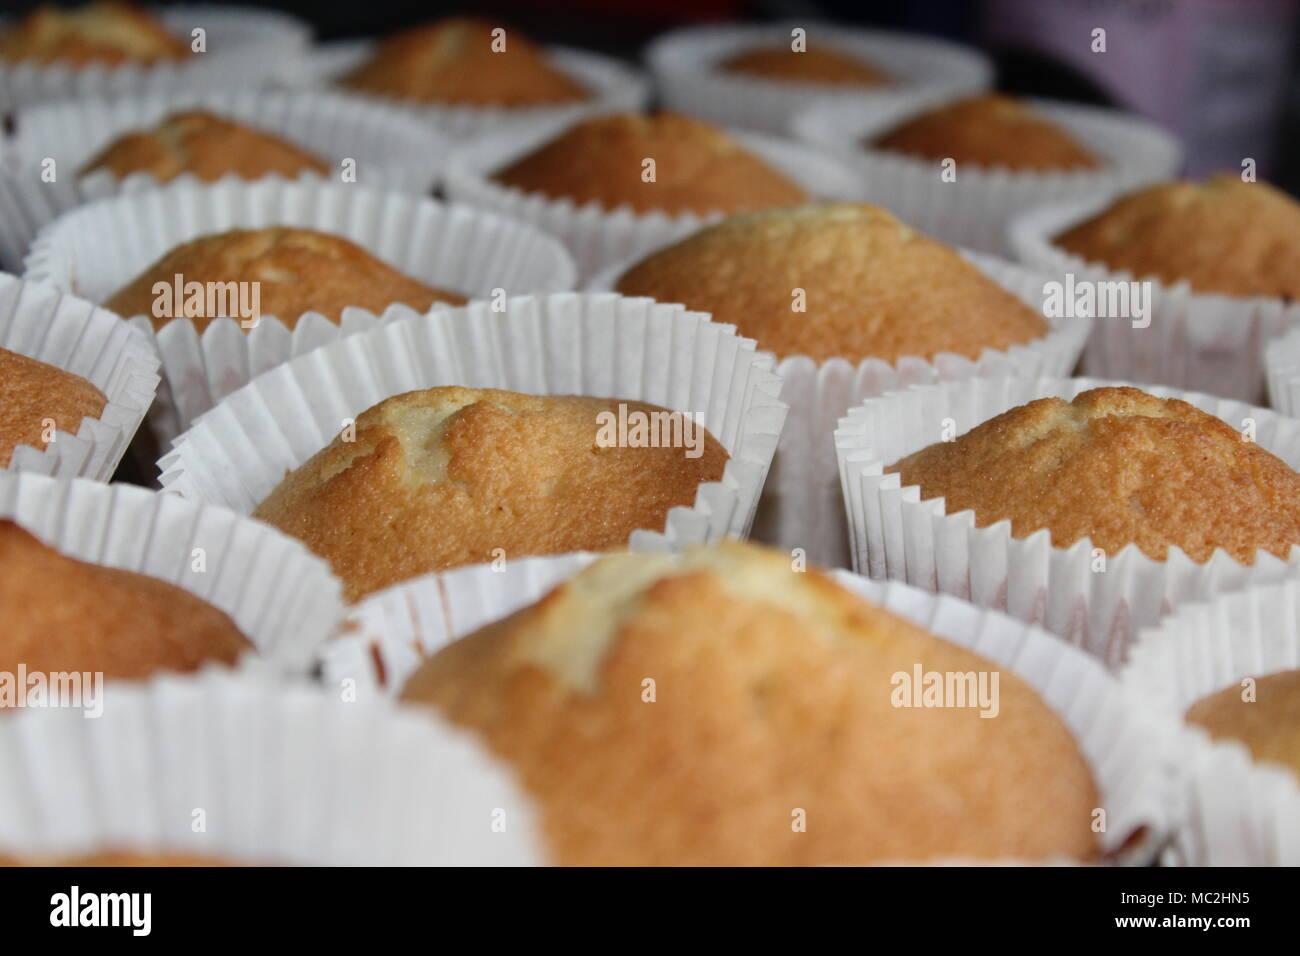 Freshly baked cakes - Stock Image